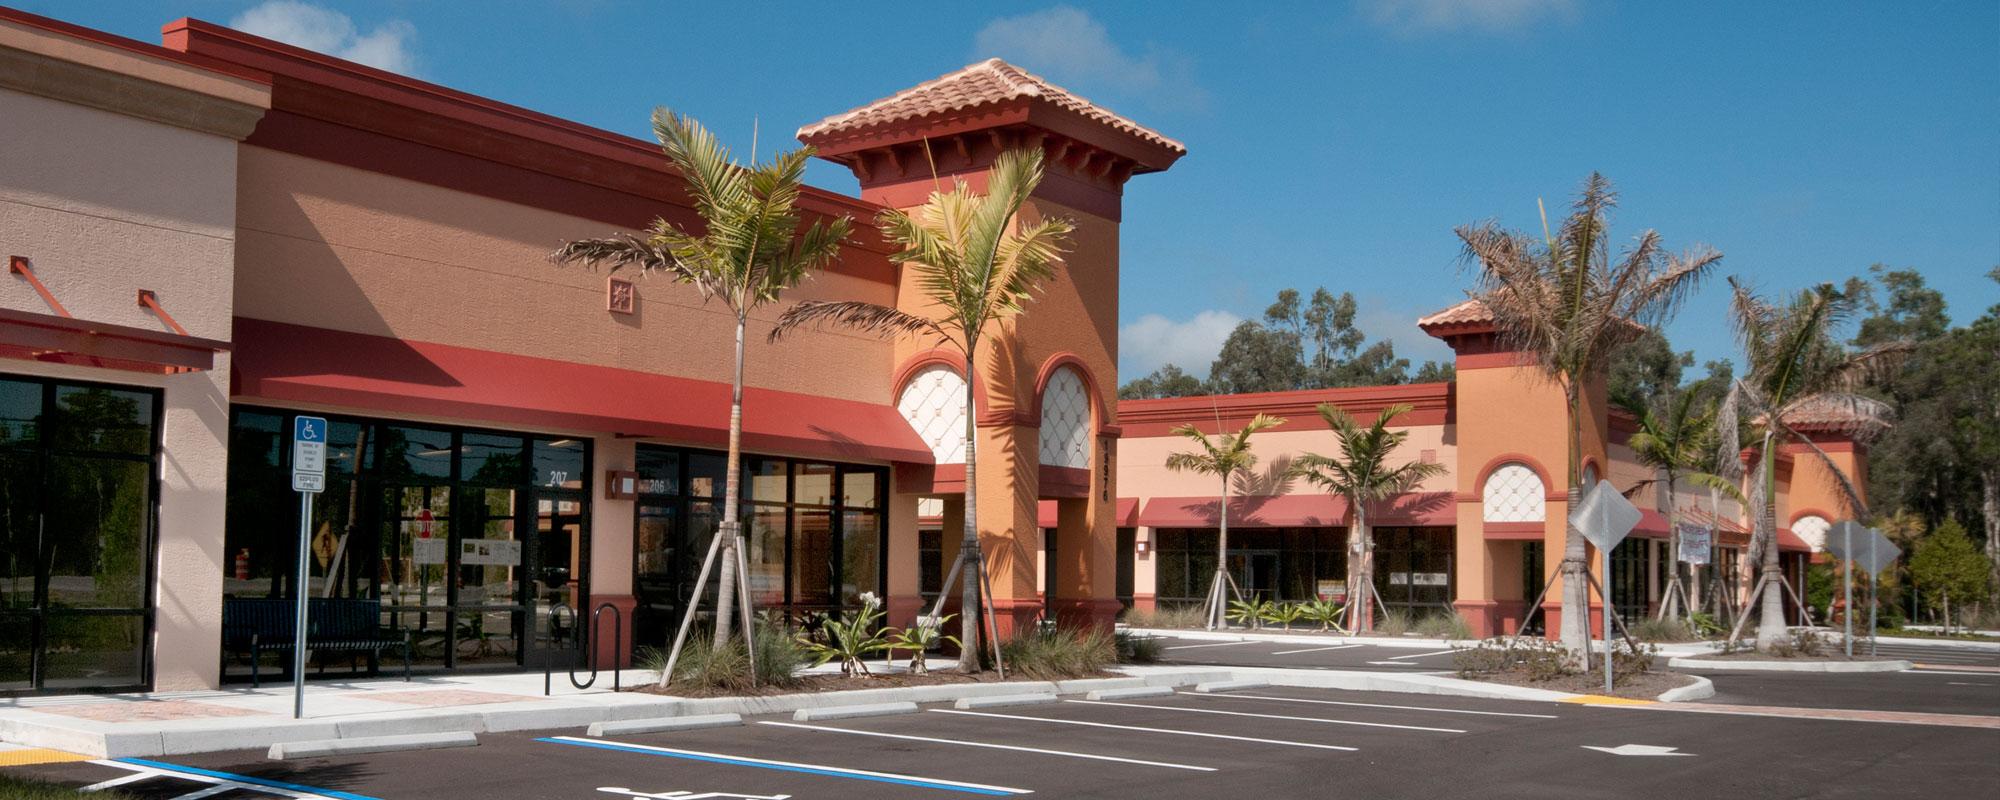 Cayo de Estero Shopping Center – Ft. Myers